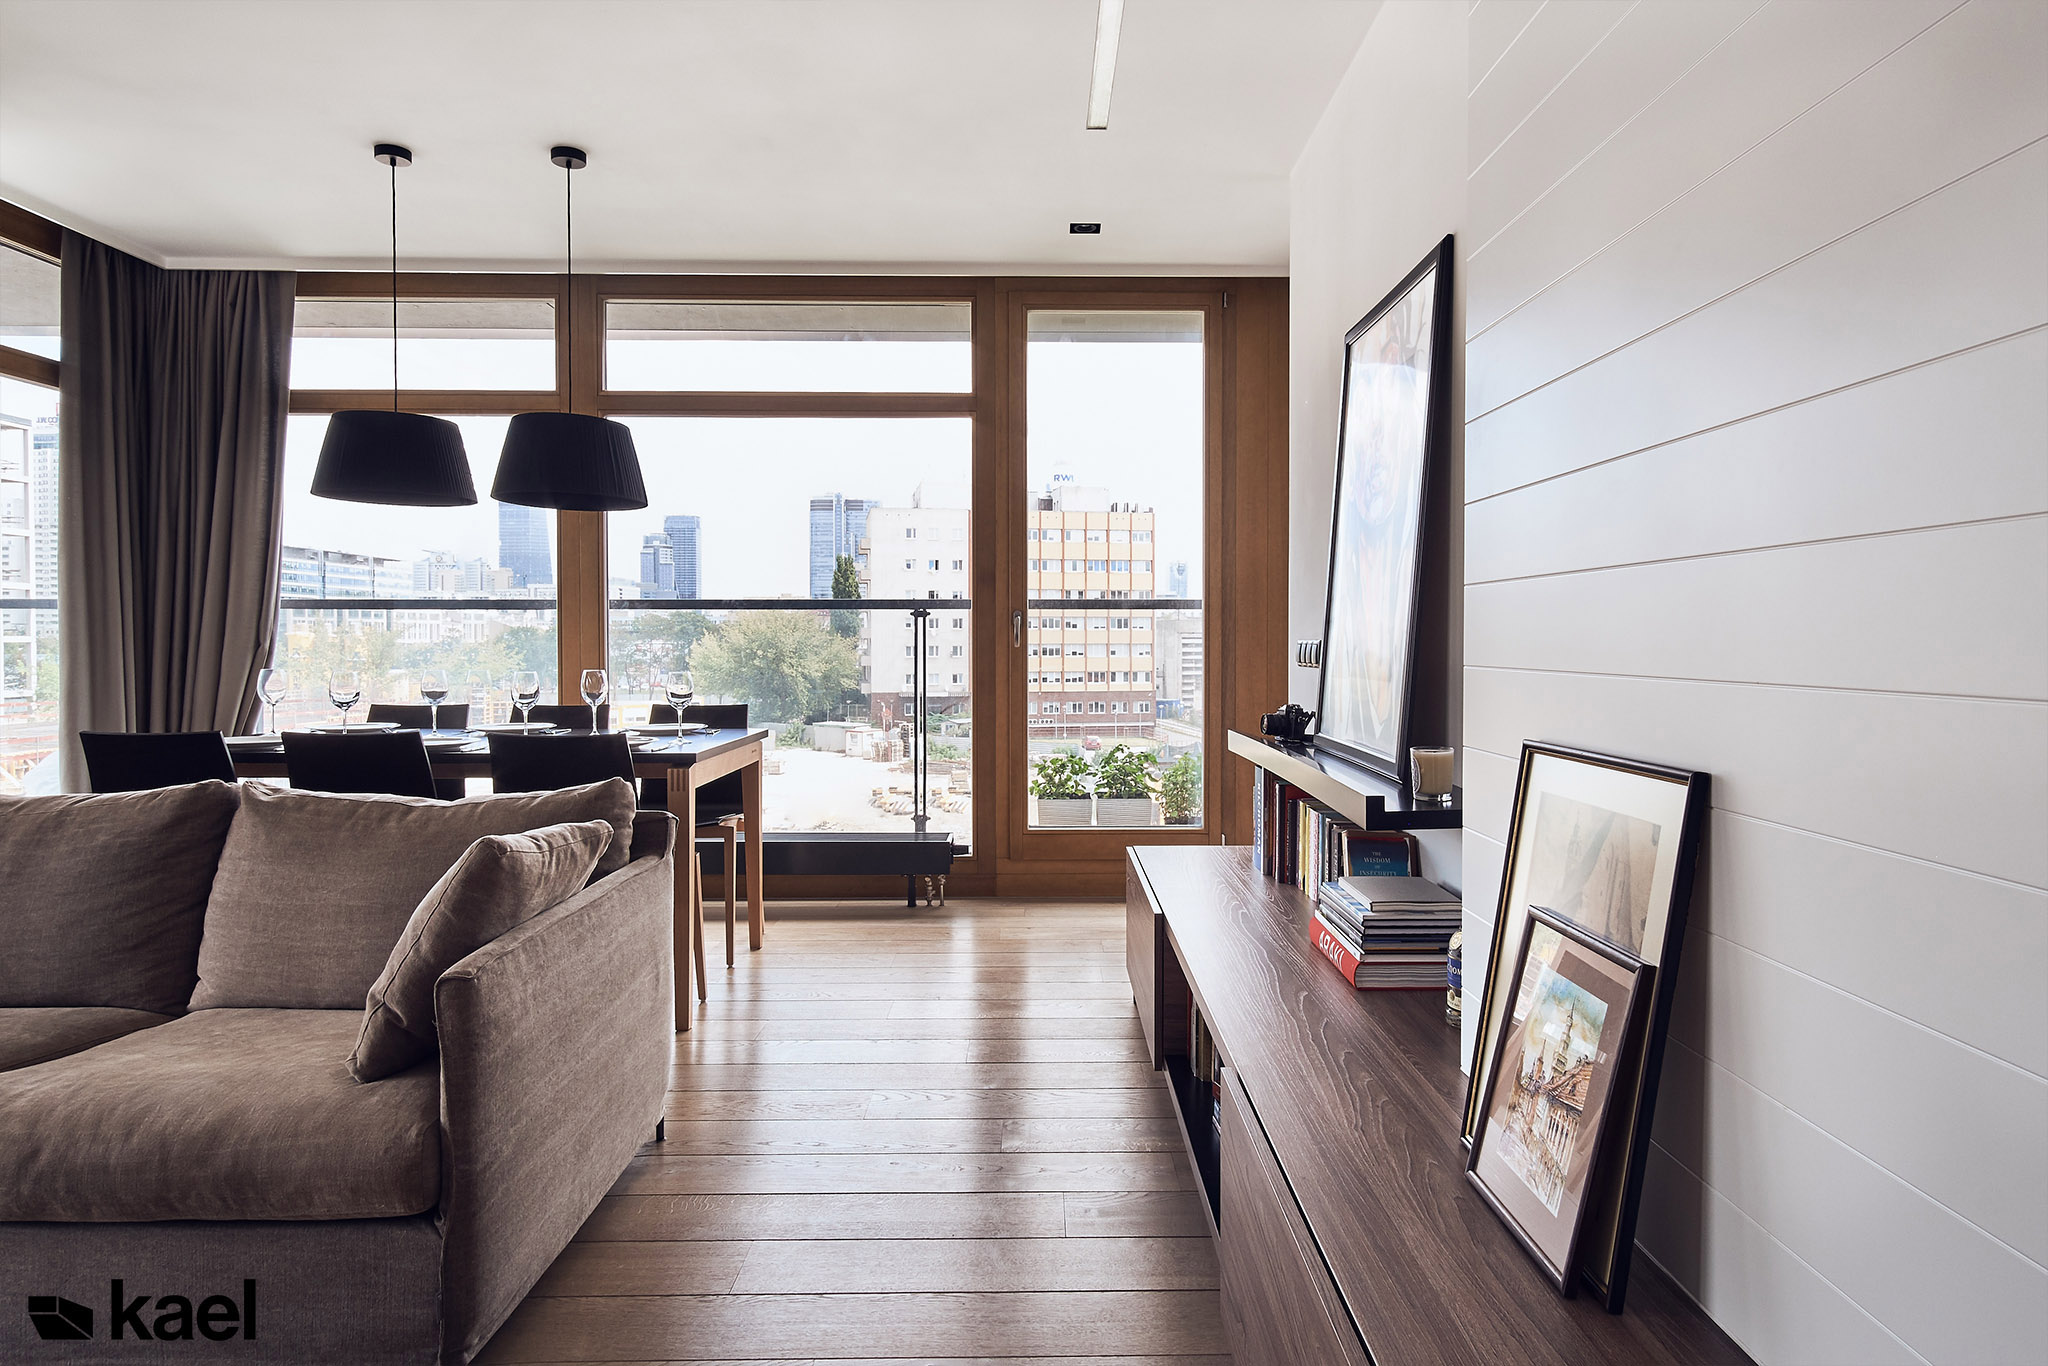 Salon w mieszkaniu na osiedlu 19 dzielnica